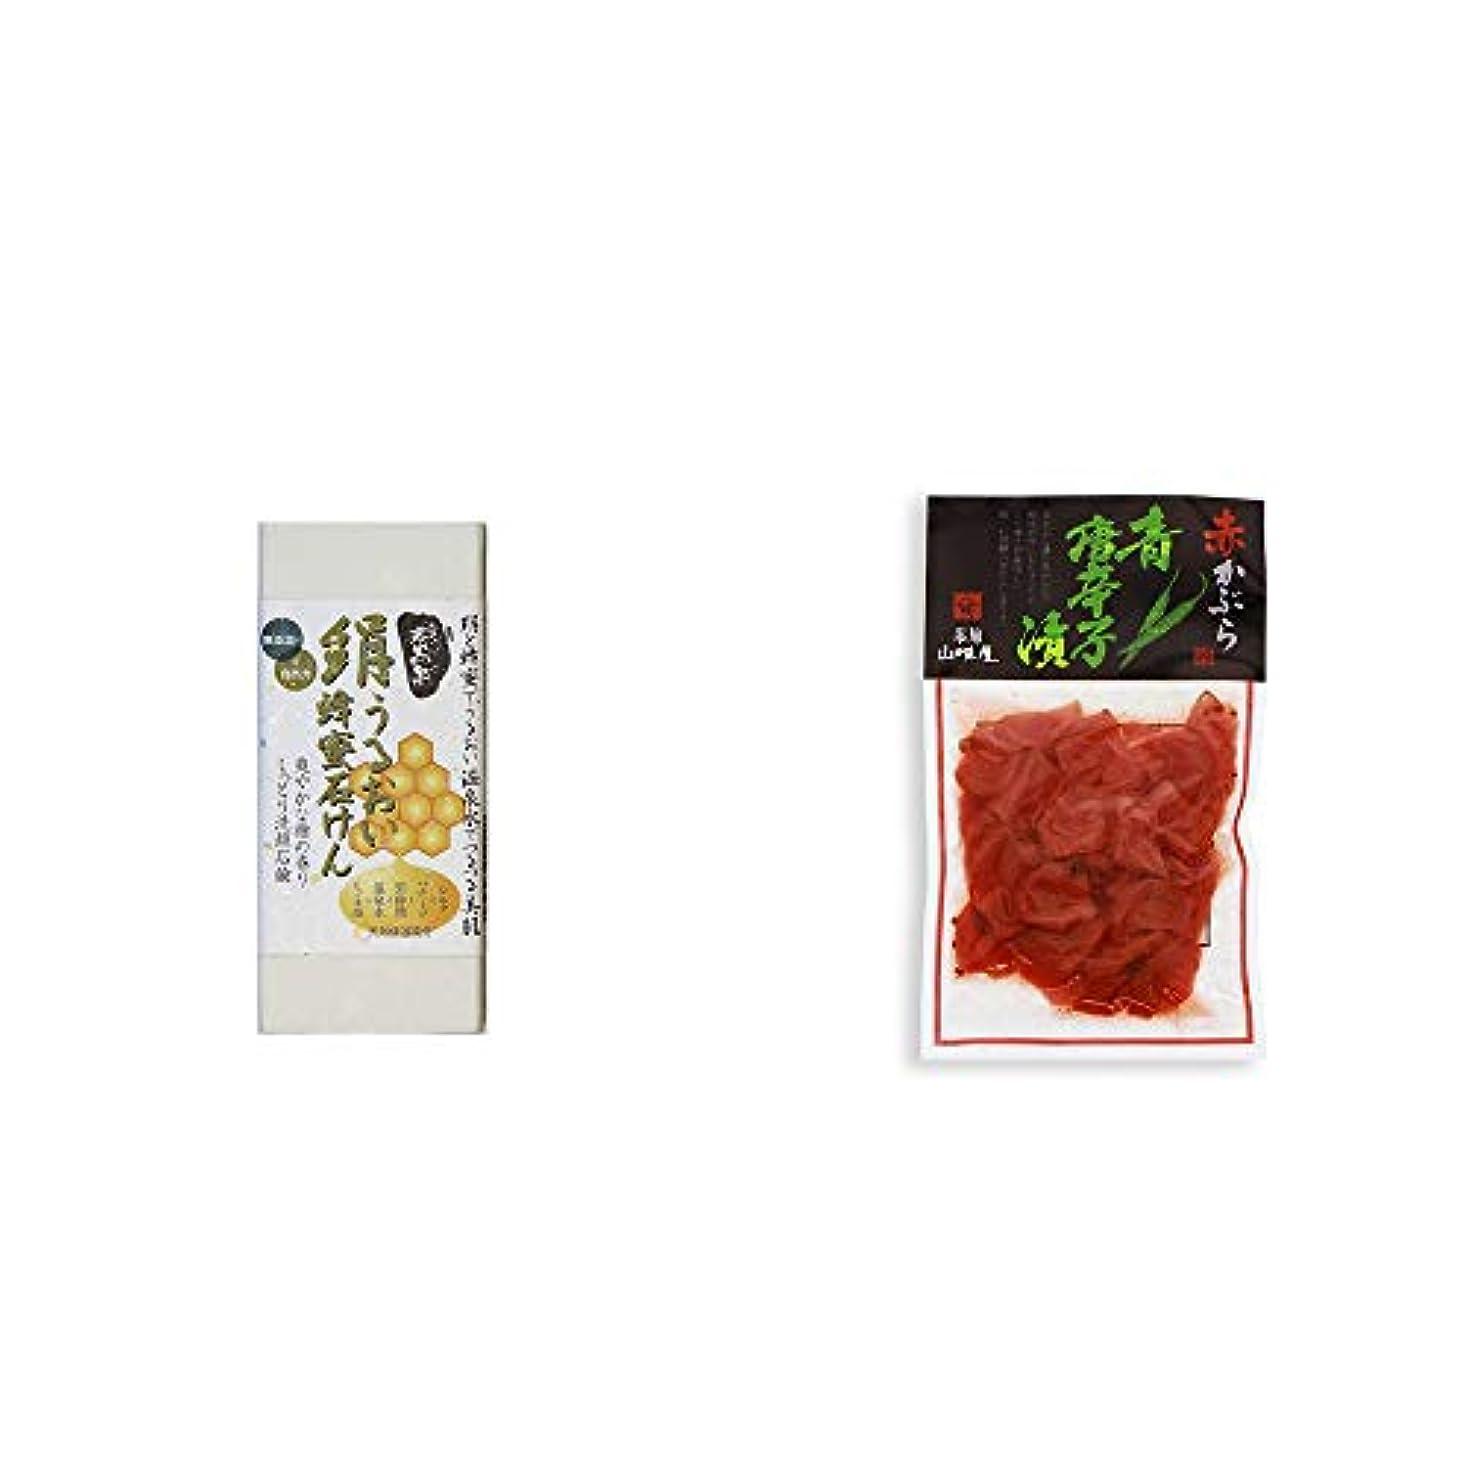 発音リマ服を着る[2点セット] ひのき炭黒泉 絹うるおい蜂蜜石けん(75g×2)?飛騨山味屋 赤かぶら 青唐辛子漬(140g)